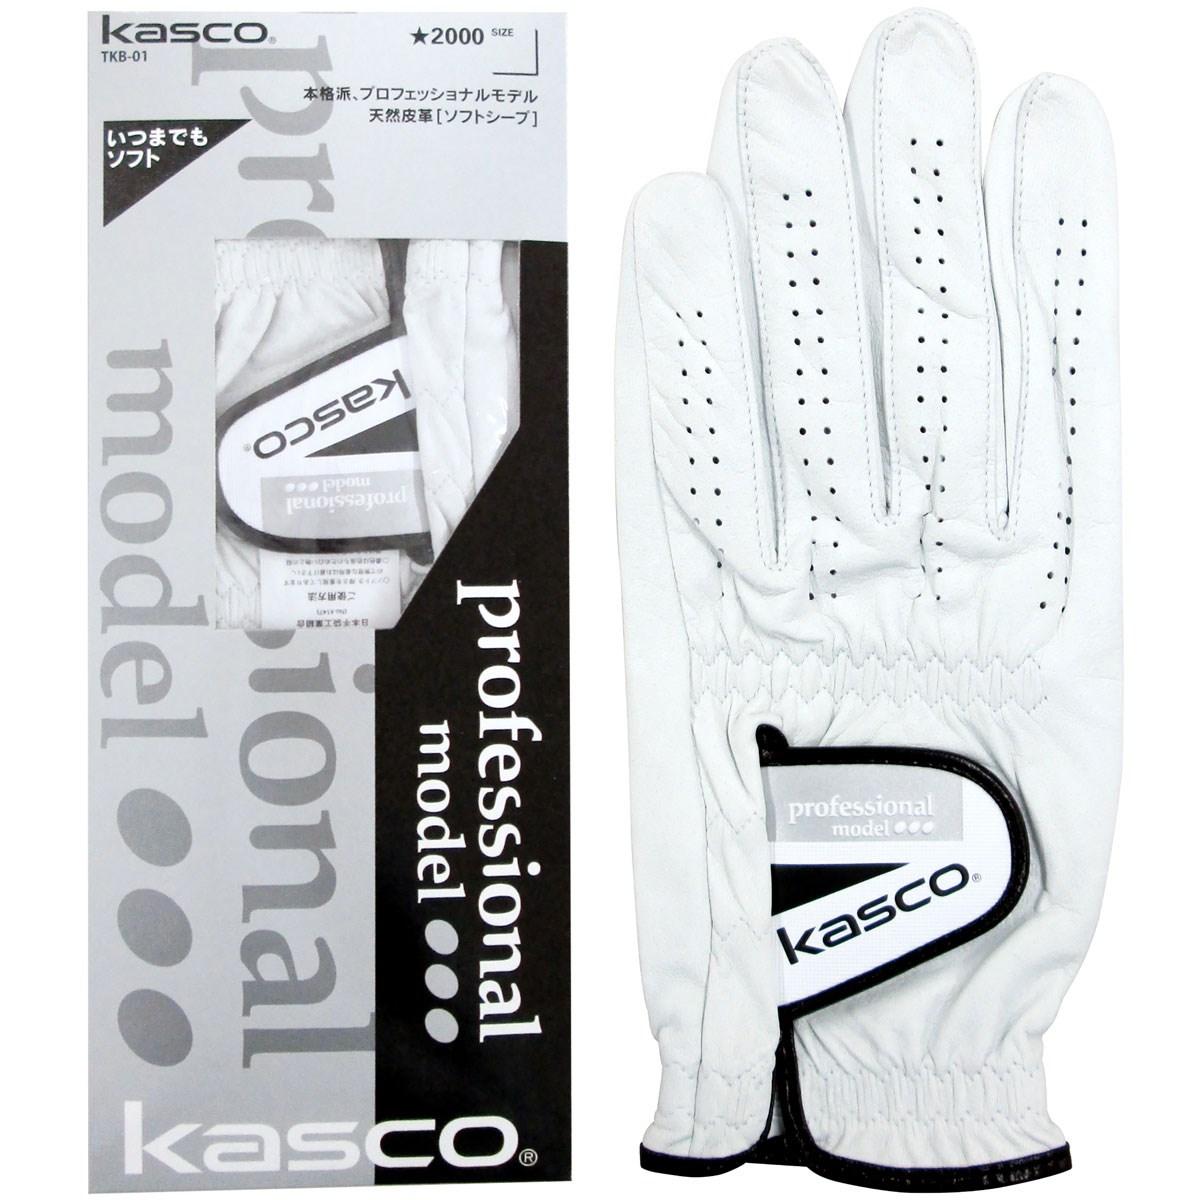 キャスコ KASCO ソフトシープグローブ 25cm 左手着用(右利き用) ホワイト